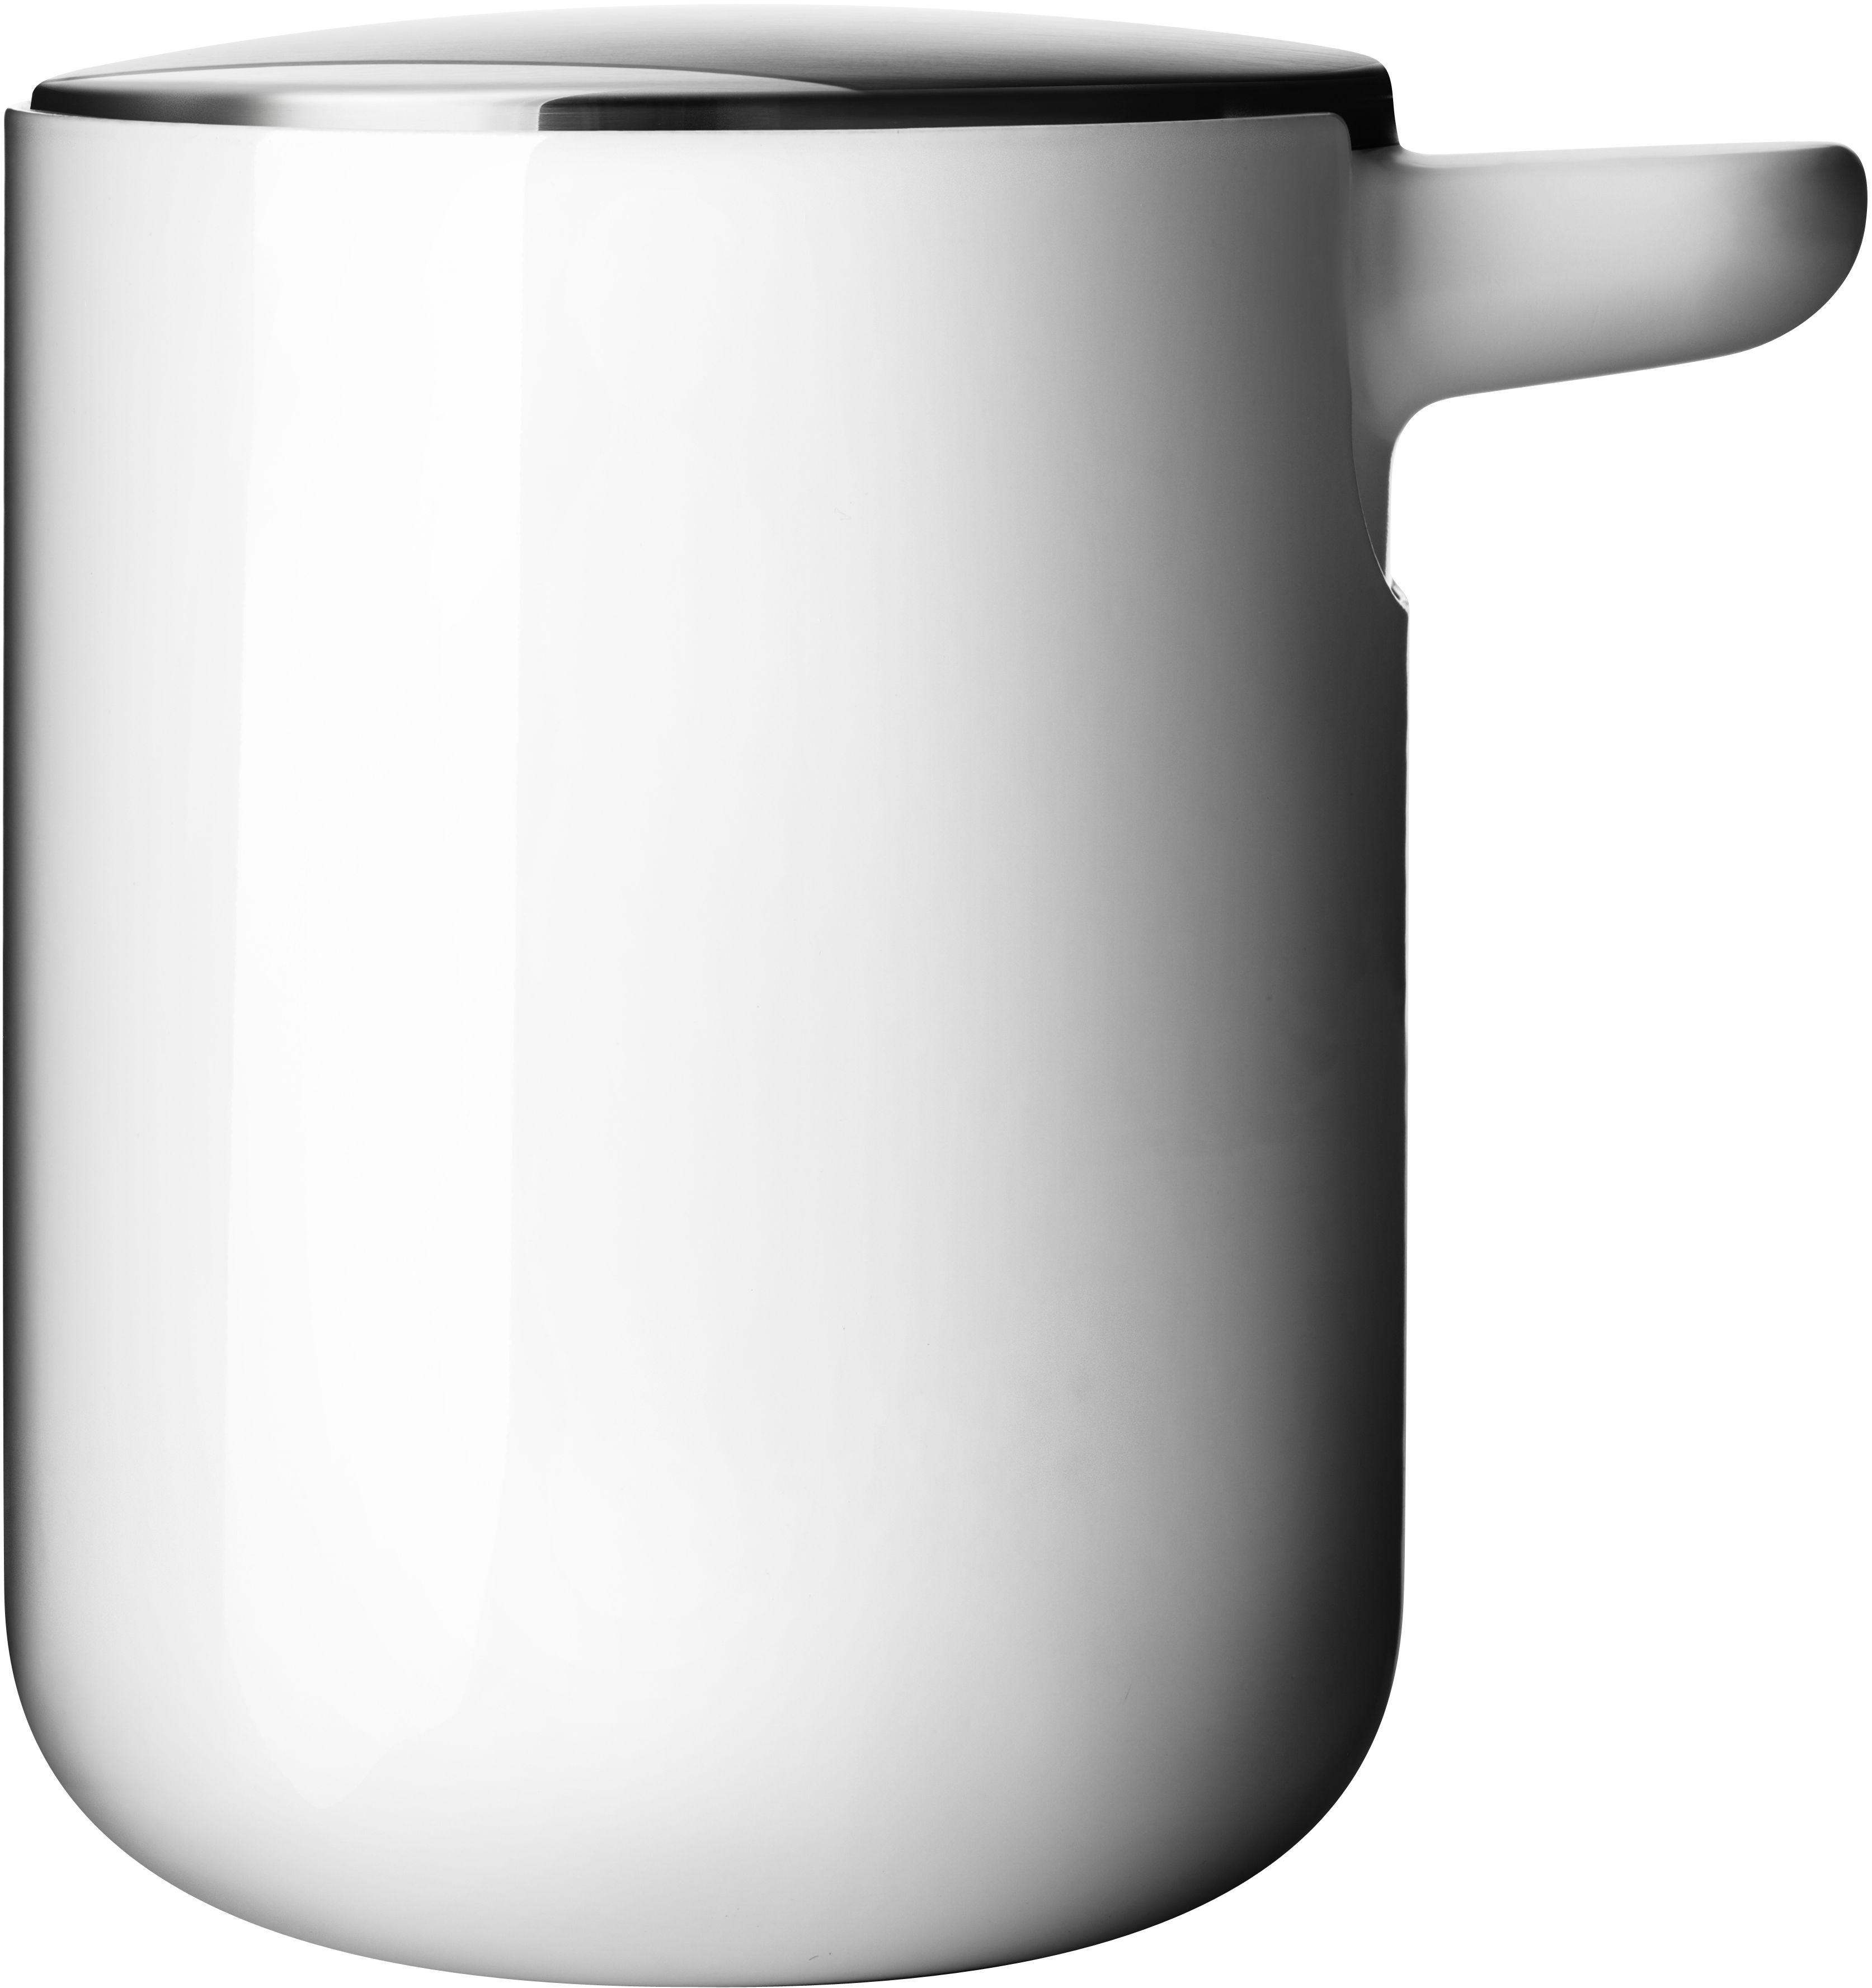 Dekoration - Badezimmer - Seifenspender - Menu - Weiß - Deckel Edelstahl (matt) - Plastik, rostfreier Stahl